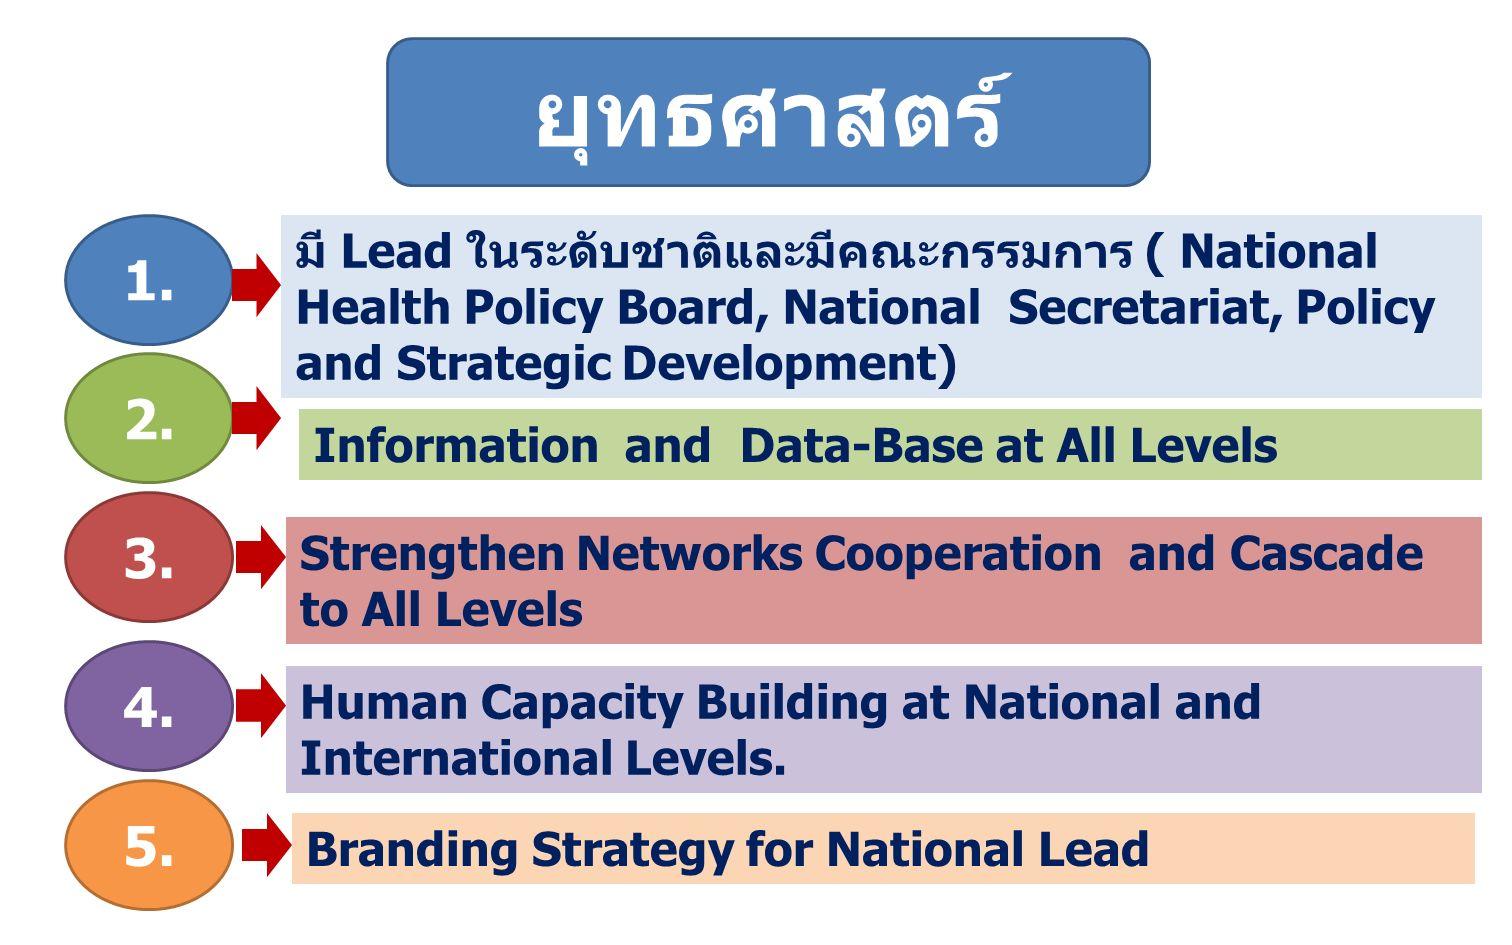 ยุทธศาสตร์ 1. 2. 3. 4. 5. มี Lead ในระดับชาติและมีคณะกรรมการ ( National Health Policy Board, National Secretariat, Policy and Strategic Development) I